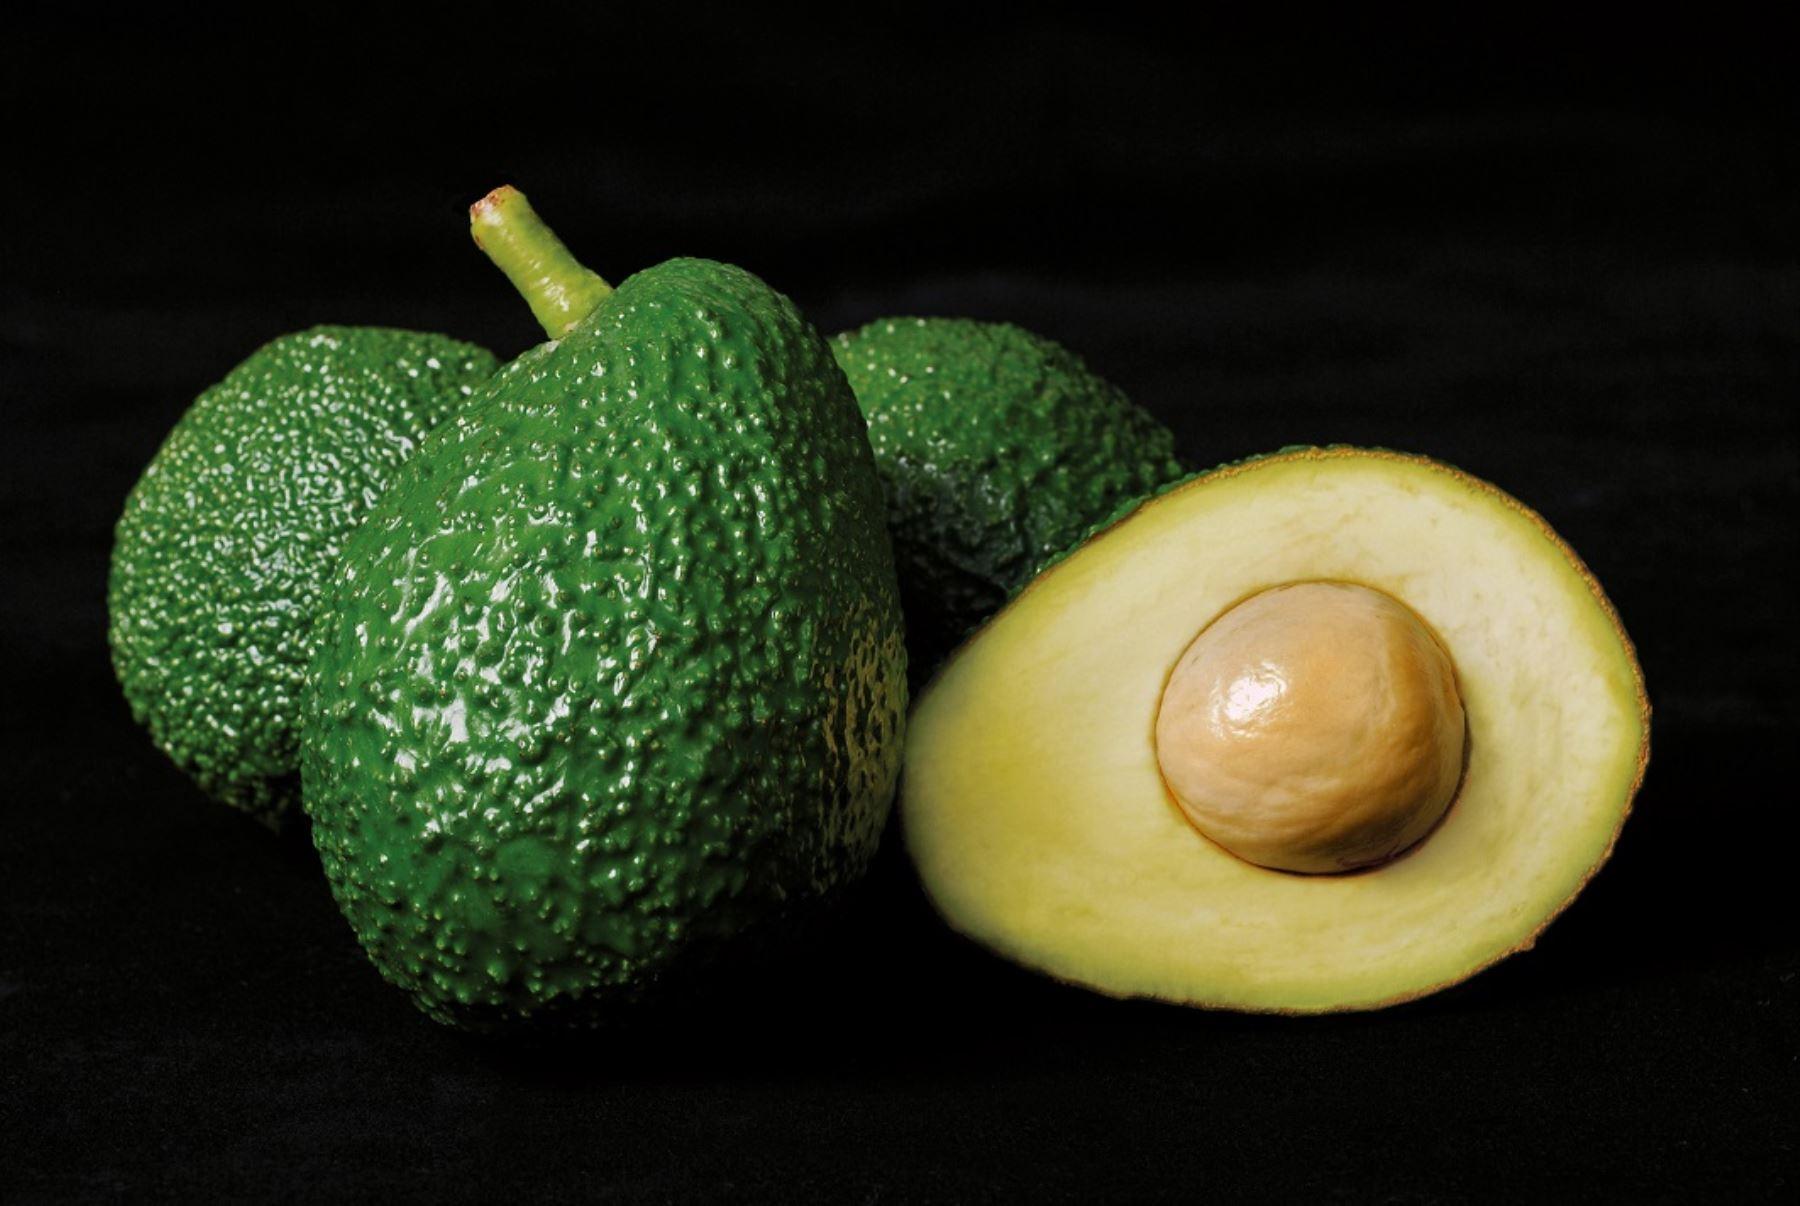 La exportación de palta en la región Arequipa creció el 2018 en casi cien por ciento, al comercializar al exterior 8,000 toneladas del fruto, superando así la cifra alcanzada el año pasado que fue de 4,500 toneladas métricas, informó el Servicio Nacional de Sanidad Agraria (Senasa). ANDINA/Difusión